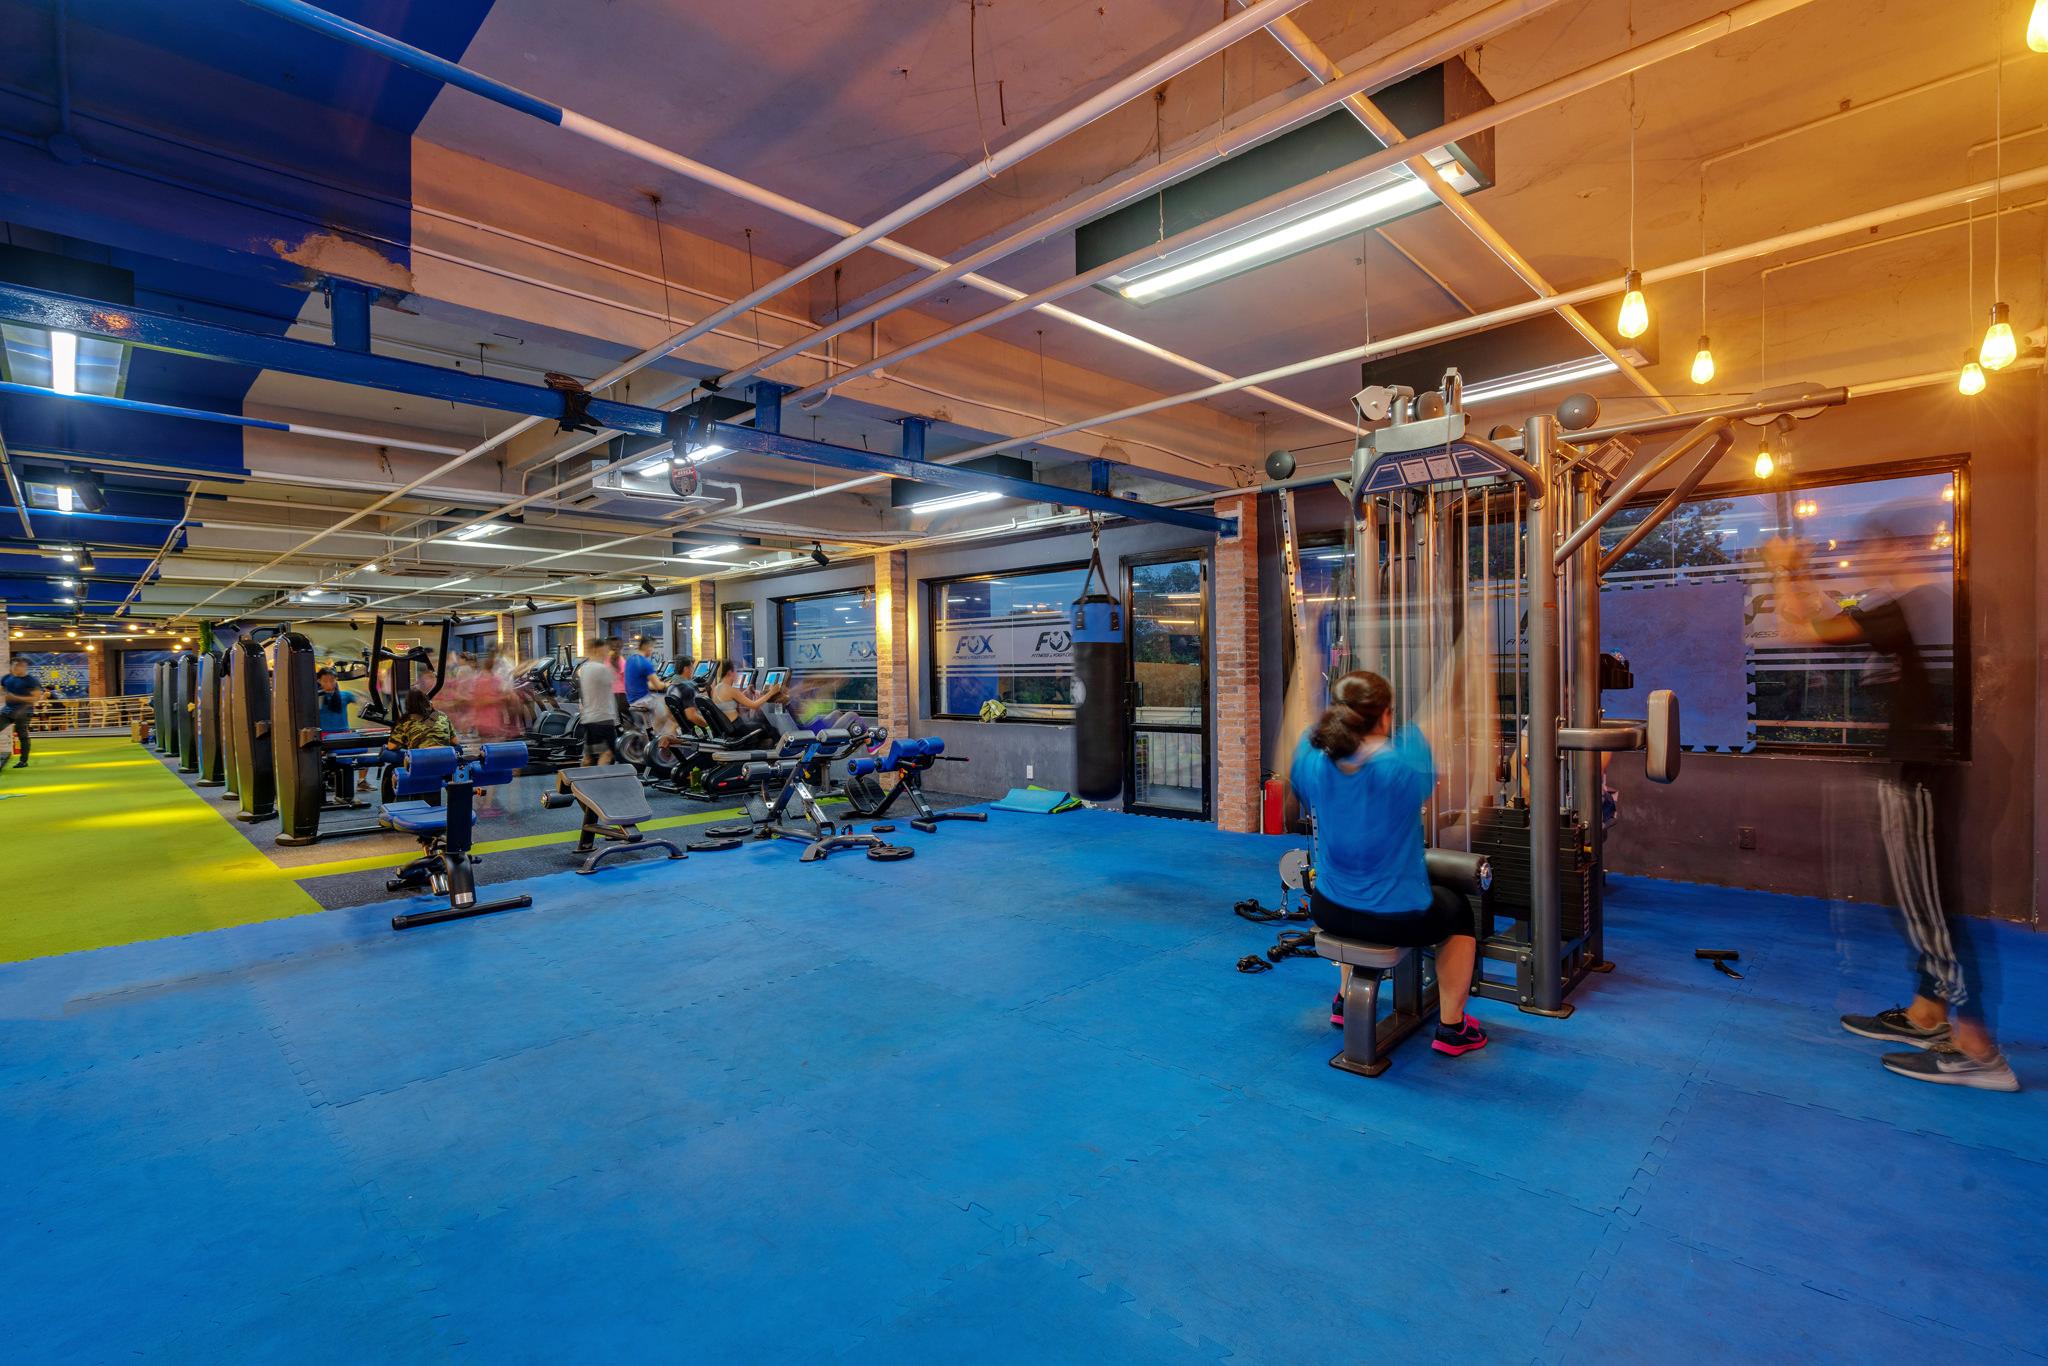 20180504 - Fox fitness - Interior - 39.jpg